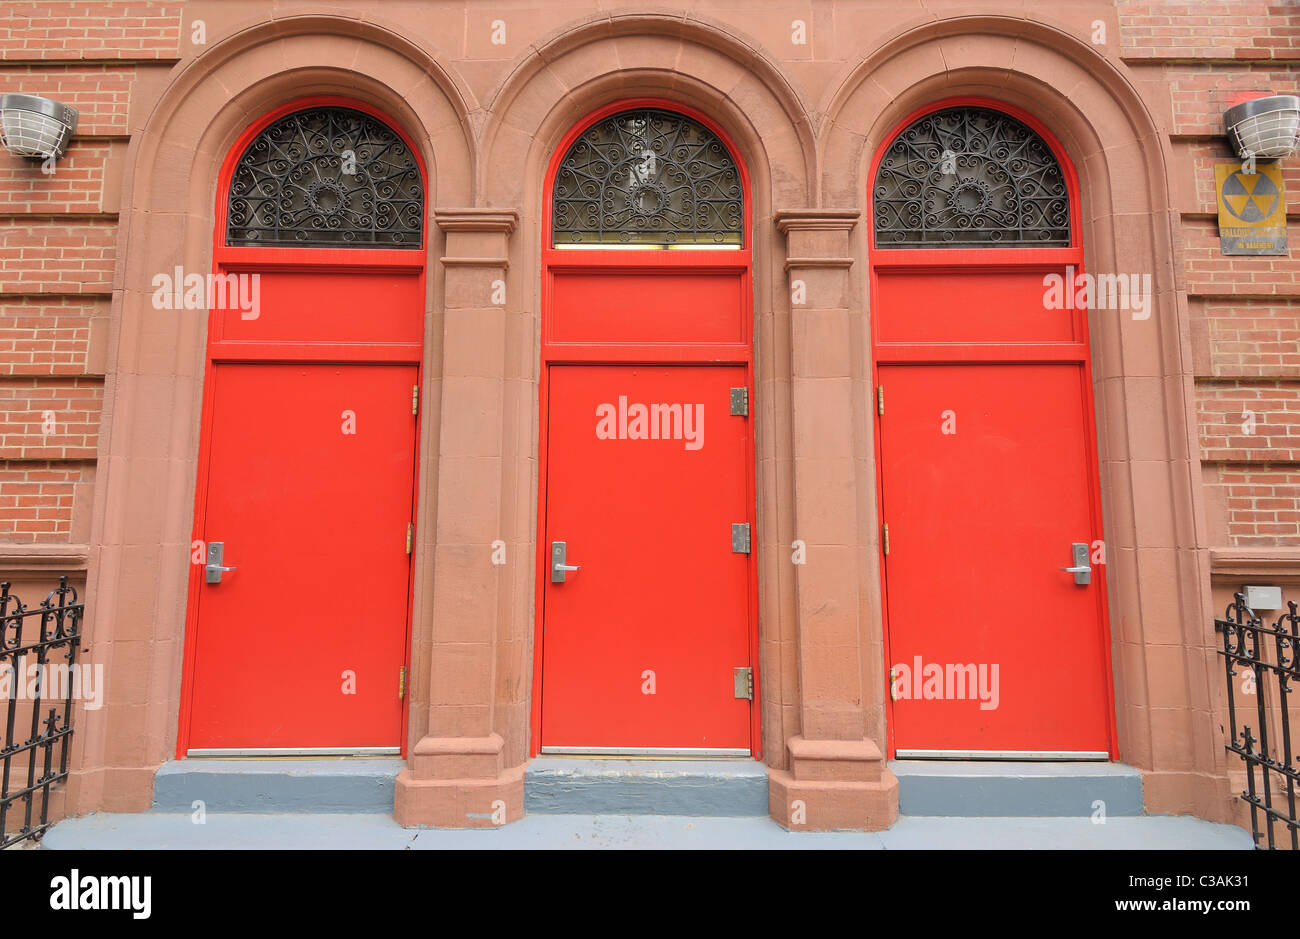 Tre porte rosso all'ingresso di un edificio. Immagini Stock